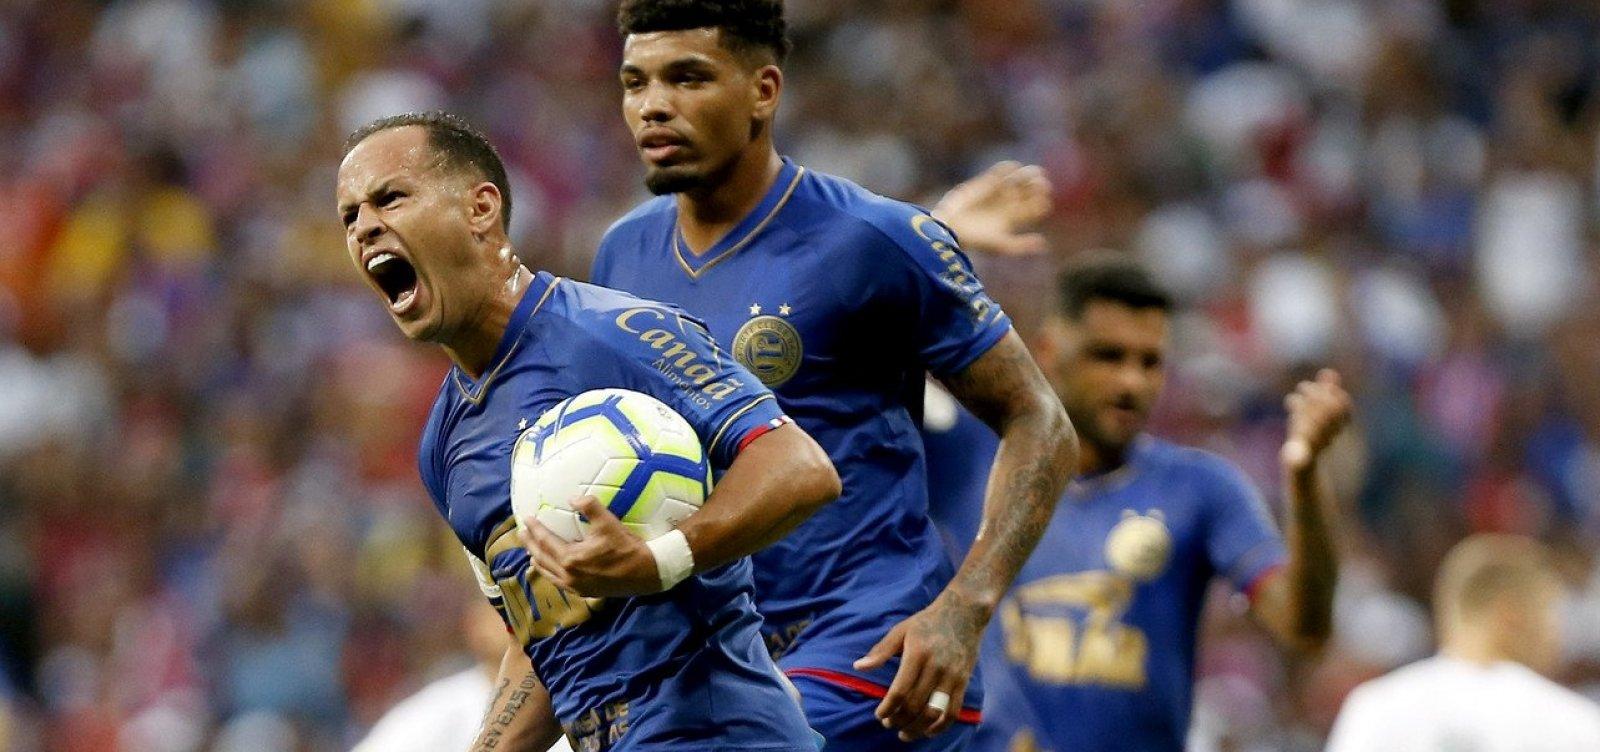 [Guerra comemora primeiro gol marcado com a camisa do Bahia]